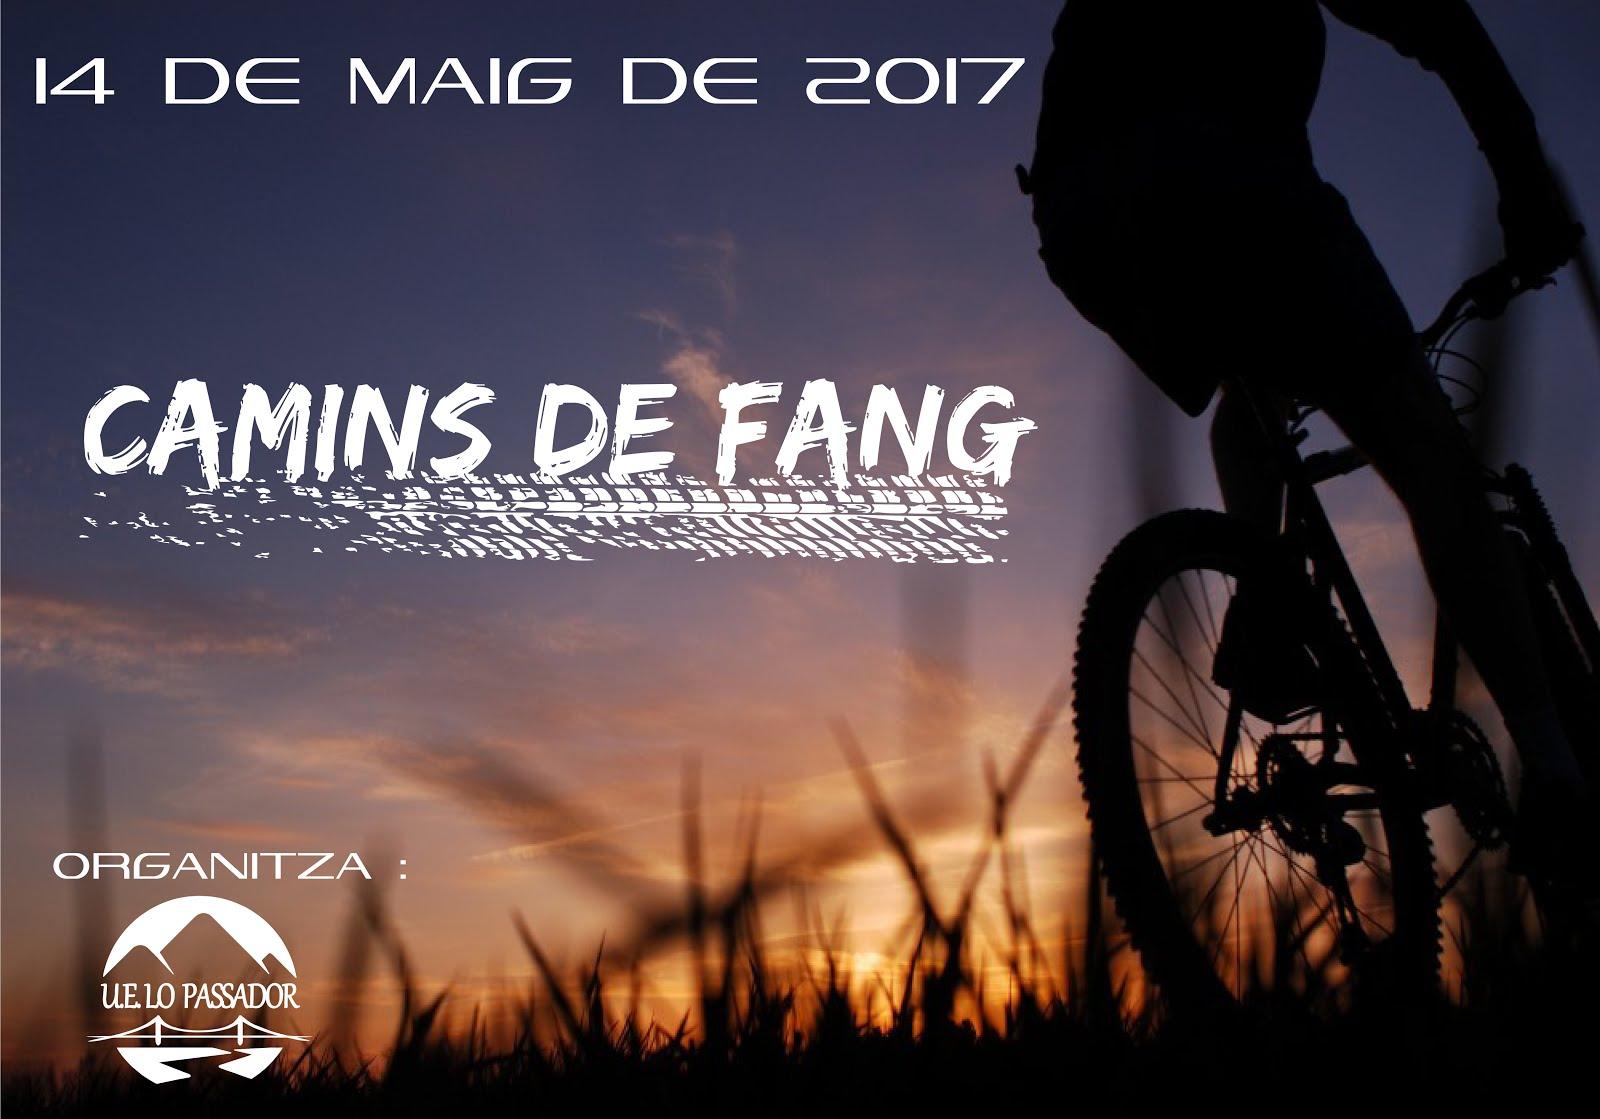 CAMINS DE FANG 2017